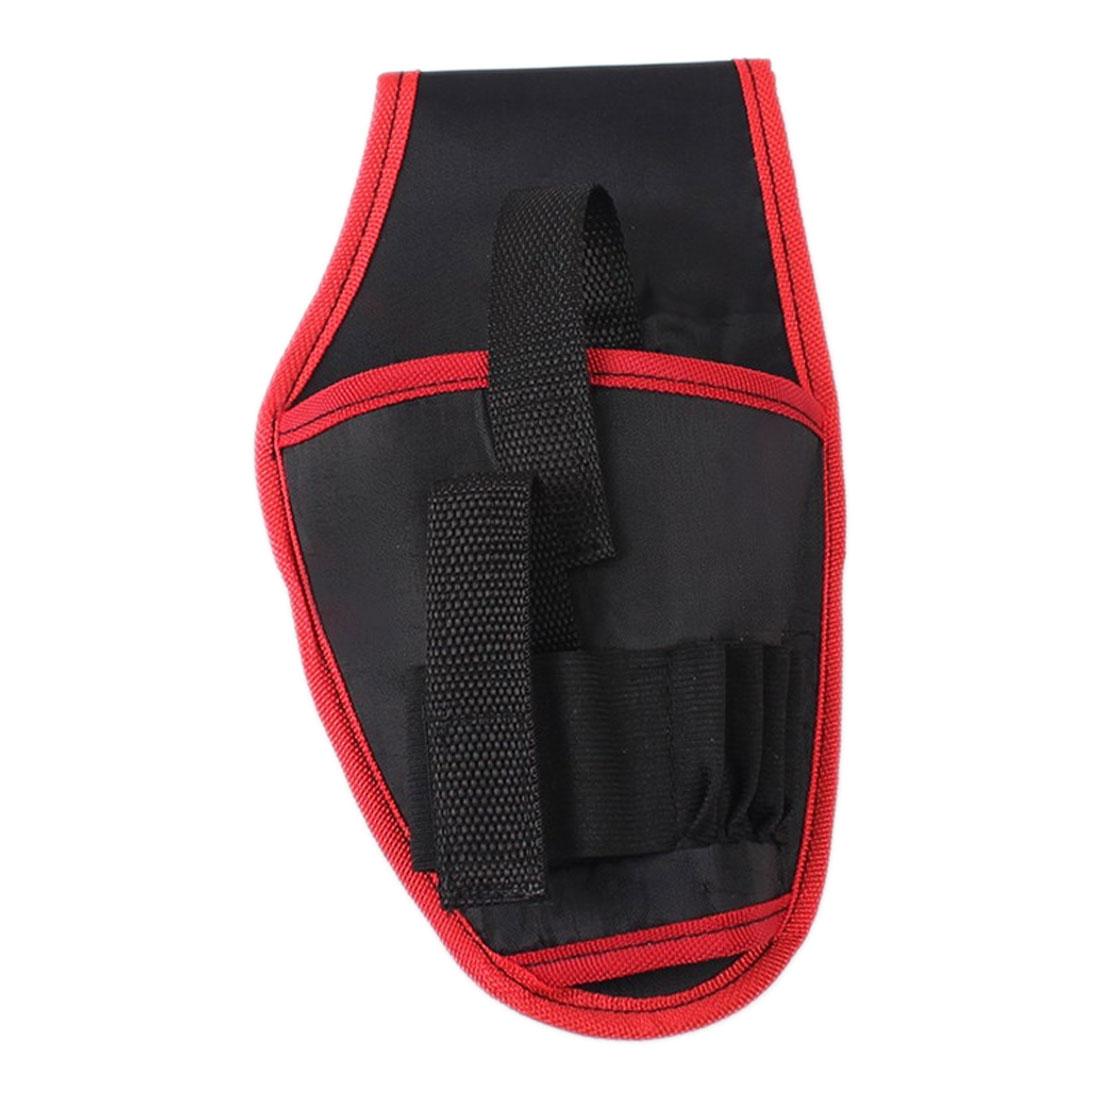 Sac à outils Portable ceinture de taille électricien outil pochette sac support perceuse étui pour 12V Lithium sans fil perceuse sac de rangement